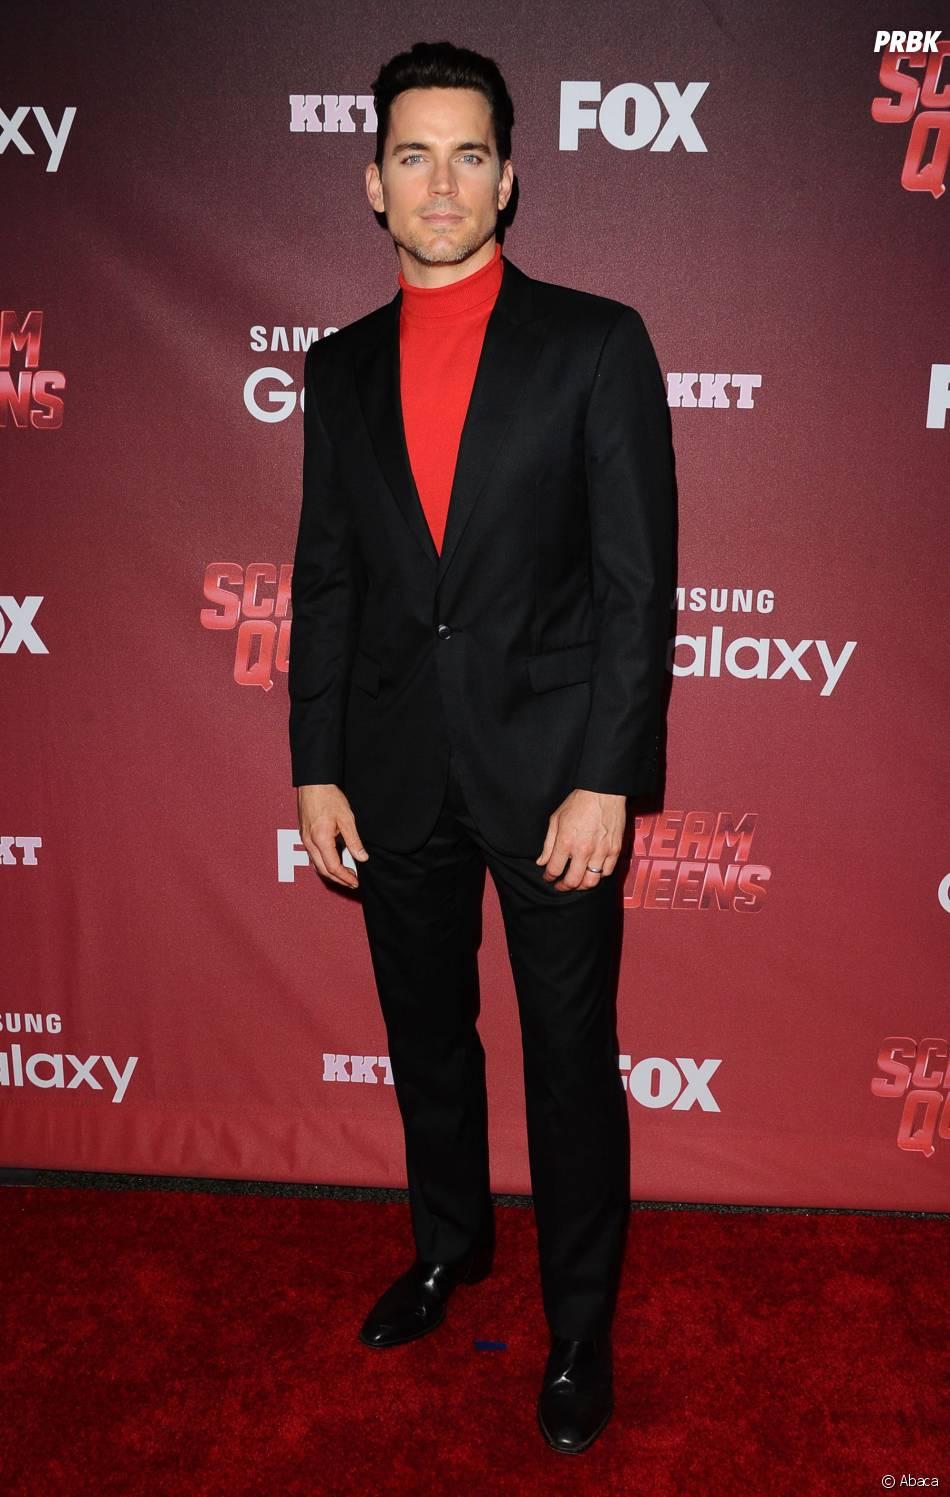 Matt Bomer à l'avant-première de Scream Queens, le 21 septembre 2015 à Los Angeles